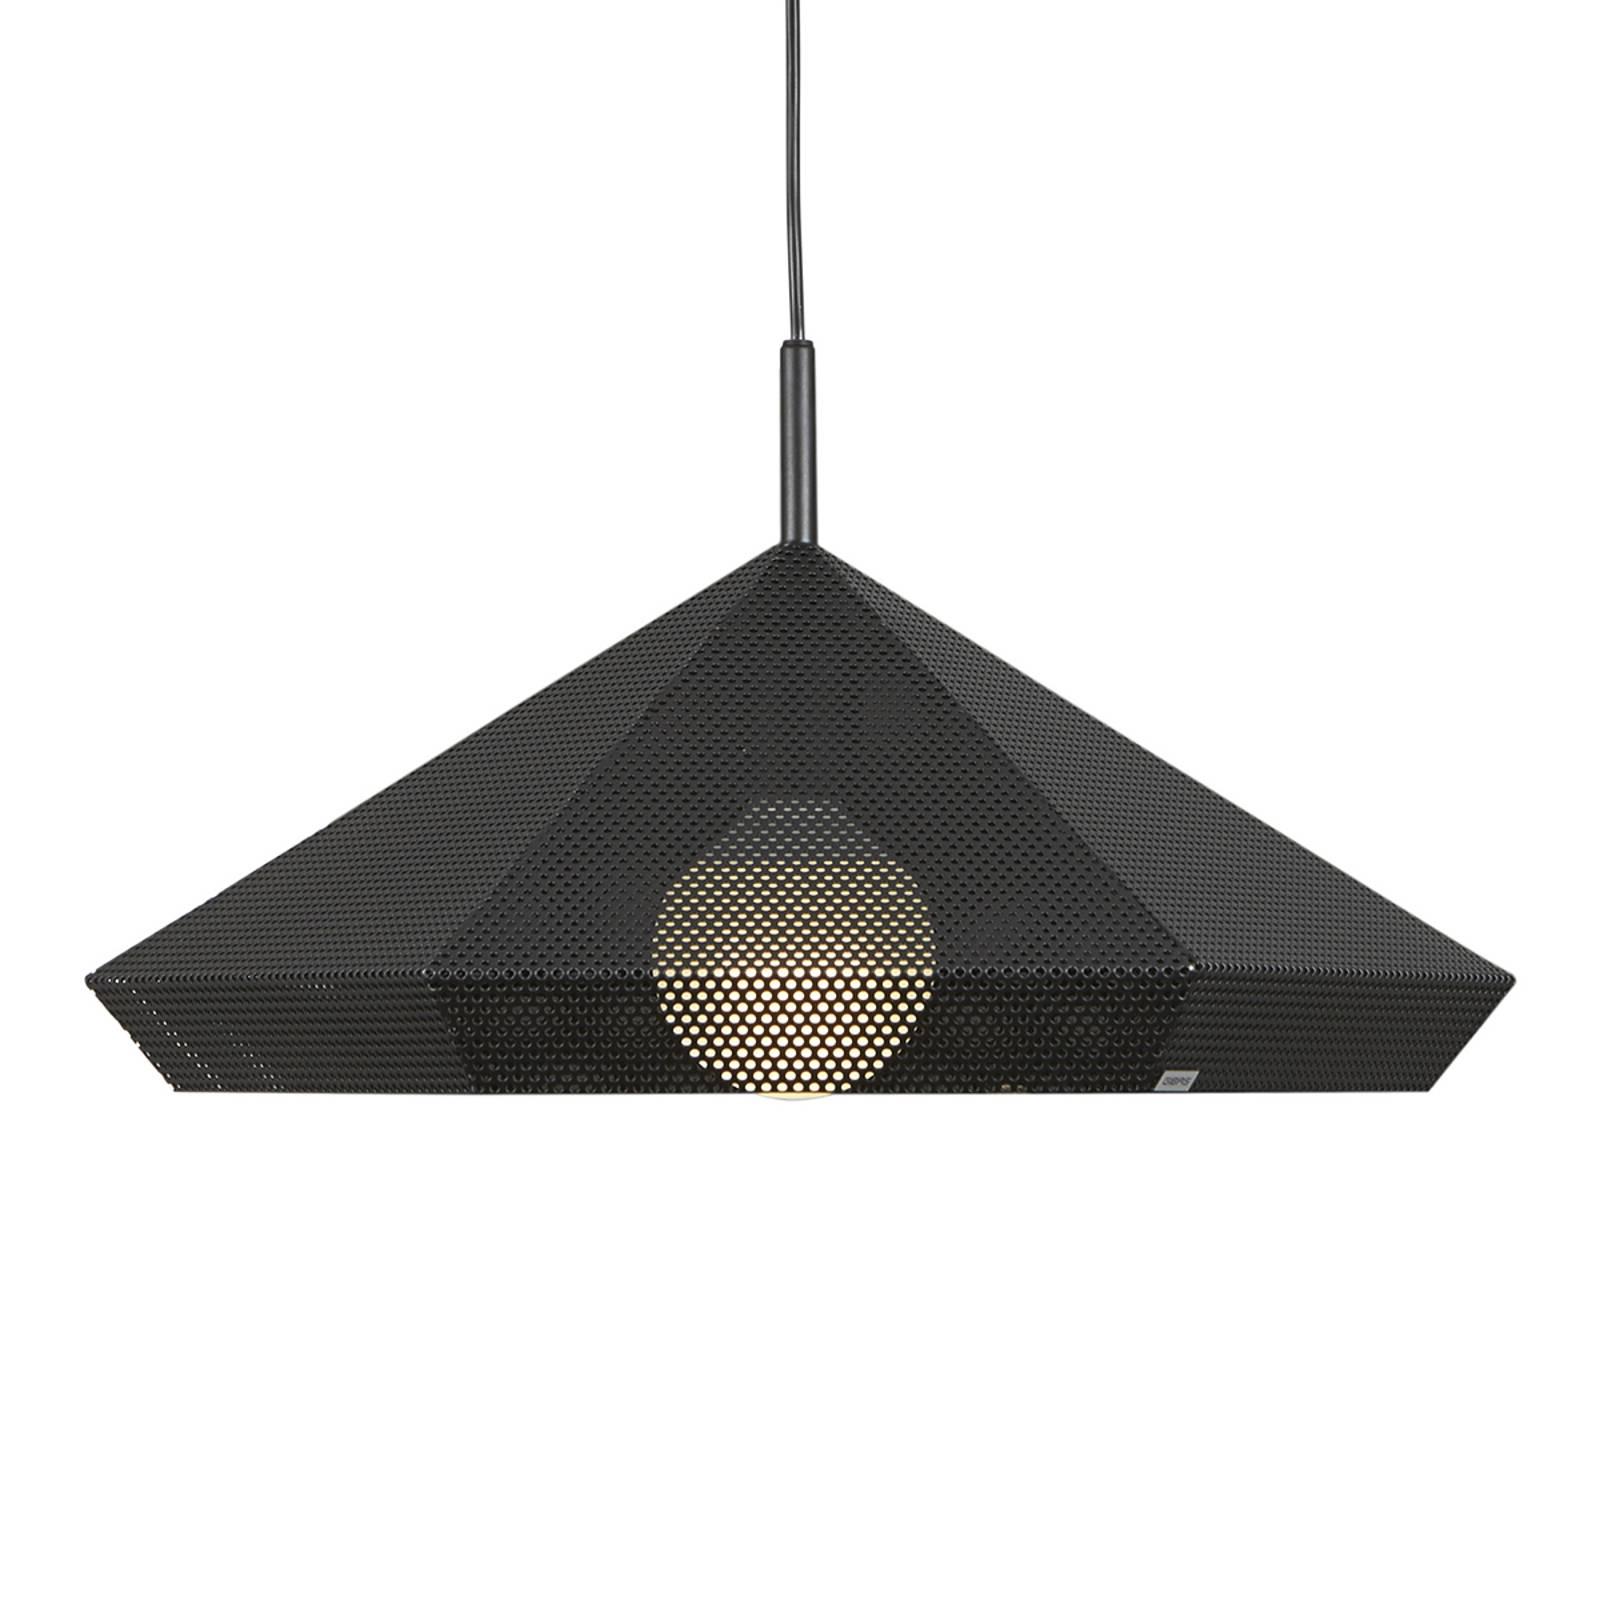 Zwarte hanglamp Priamus met geperforeerd patroon